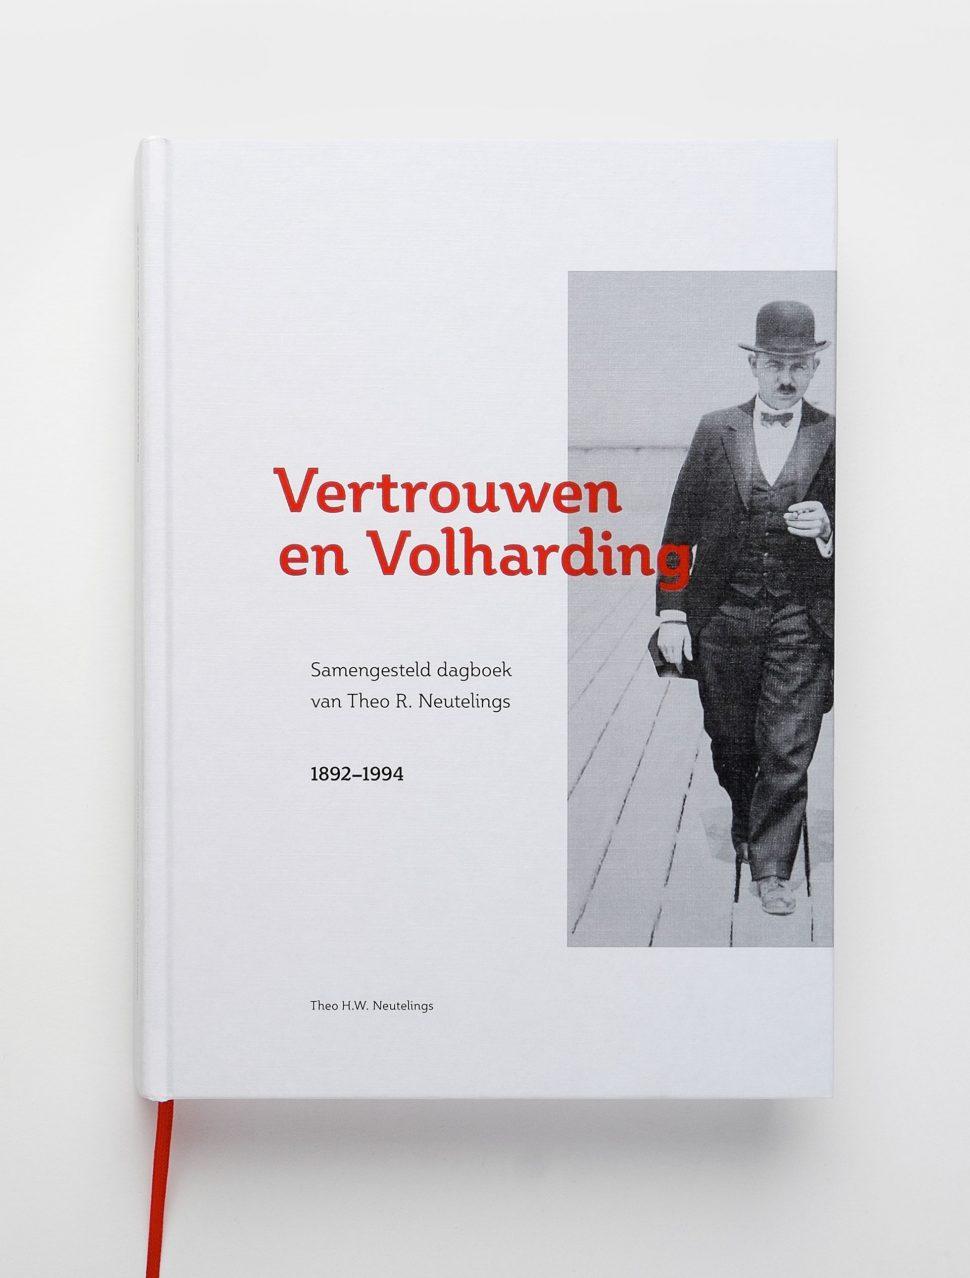 Vertrouwen en Volharding - Theo R. Neutelings - Cover